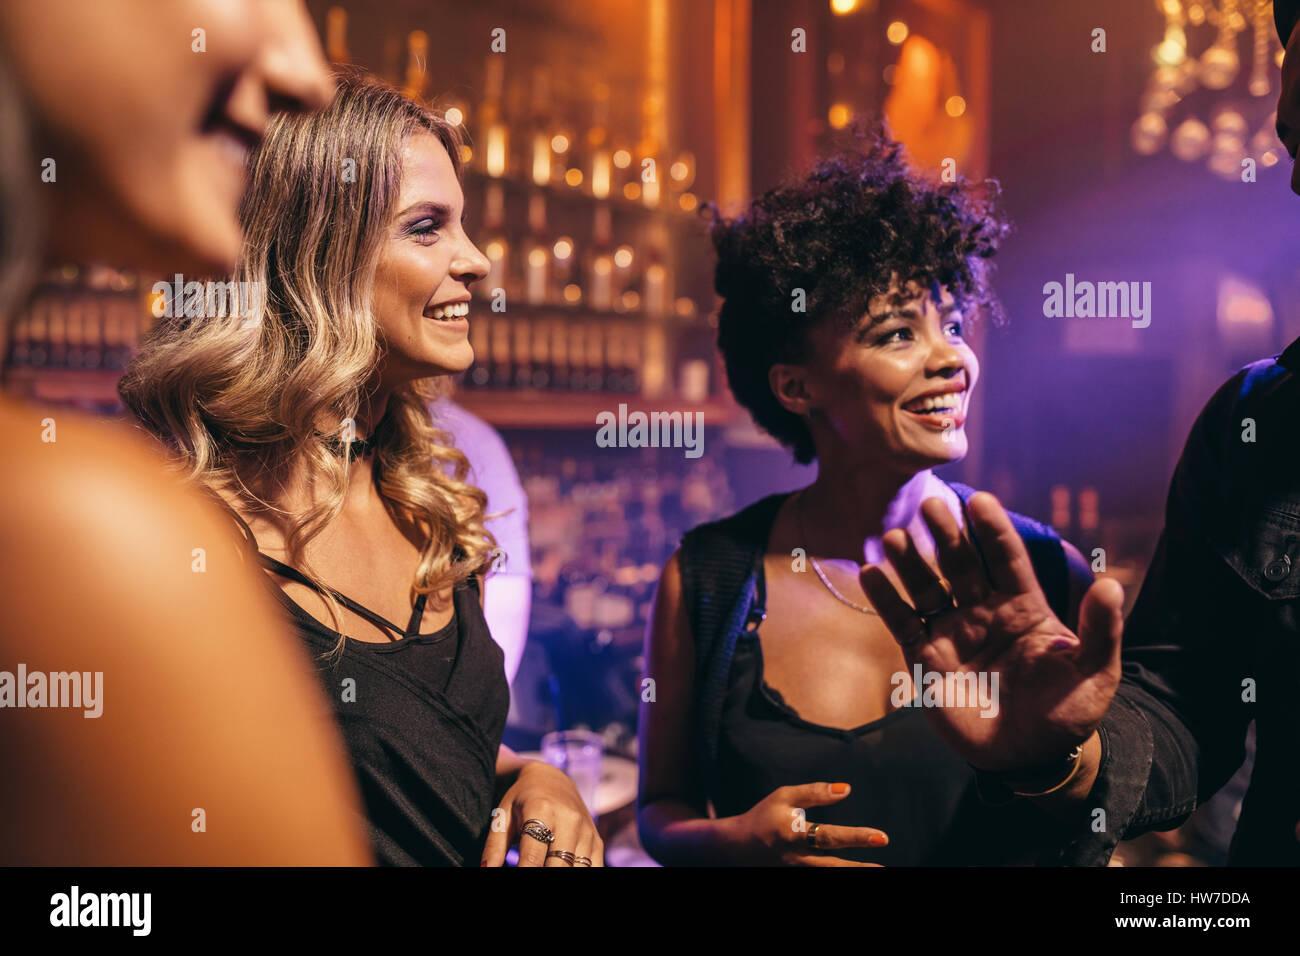 Un gruppo di giovani amici godendo di una notte al pub. Giovani divertendosi al night club. Foto Stock